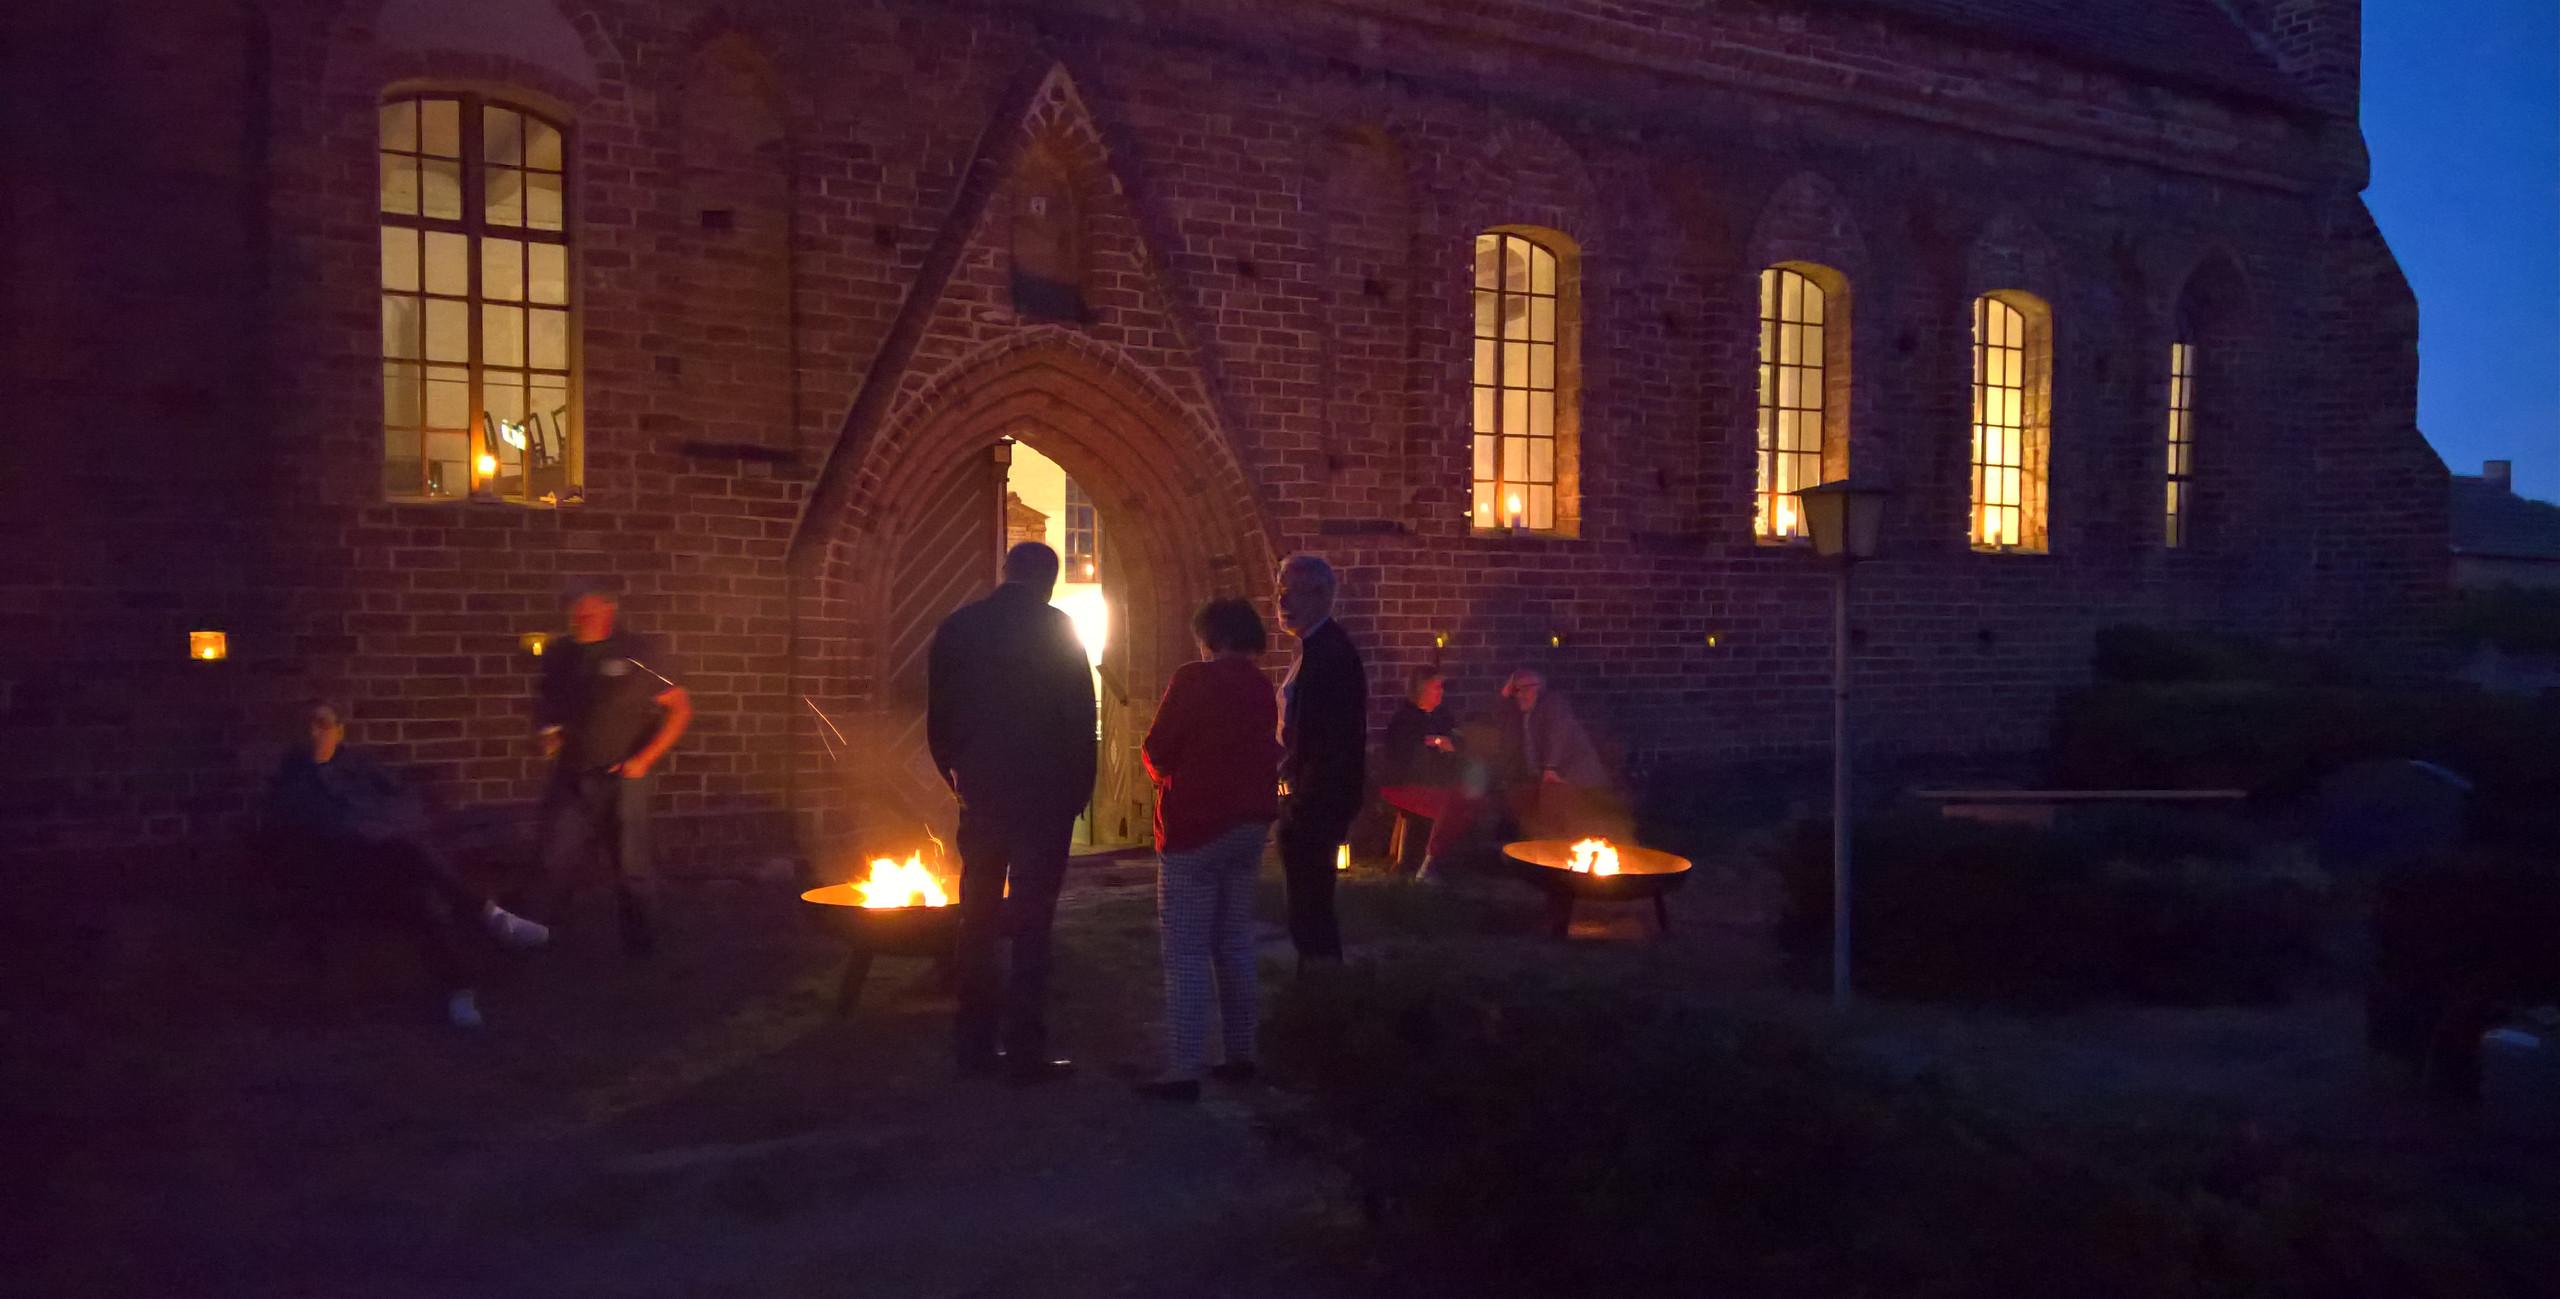 10 Jahre Förderverein Wallfahrtskirche Buckow - feierlich vor der Pforte